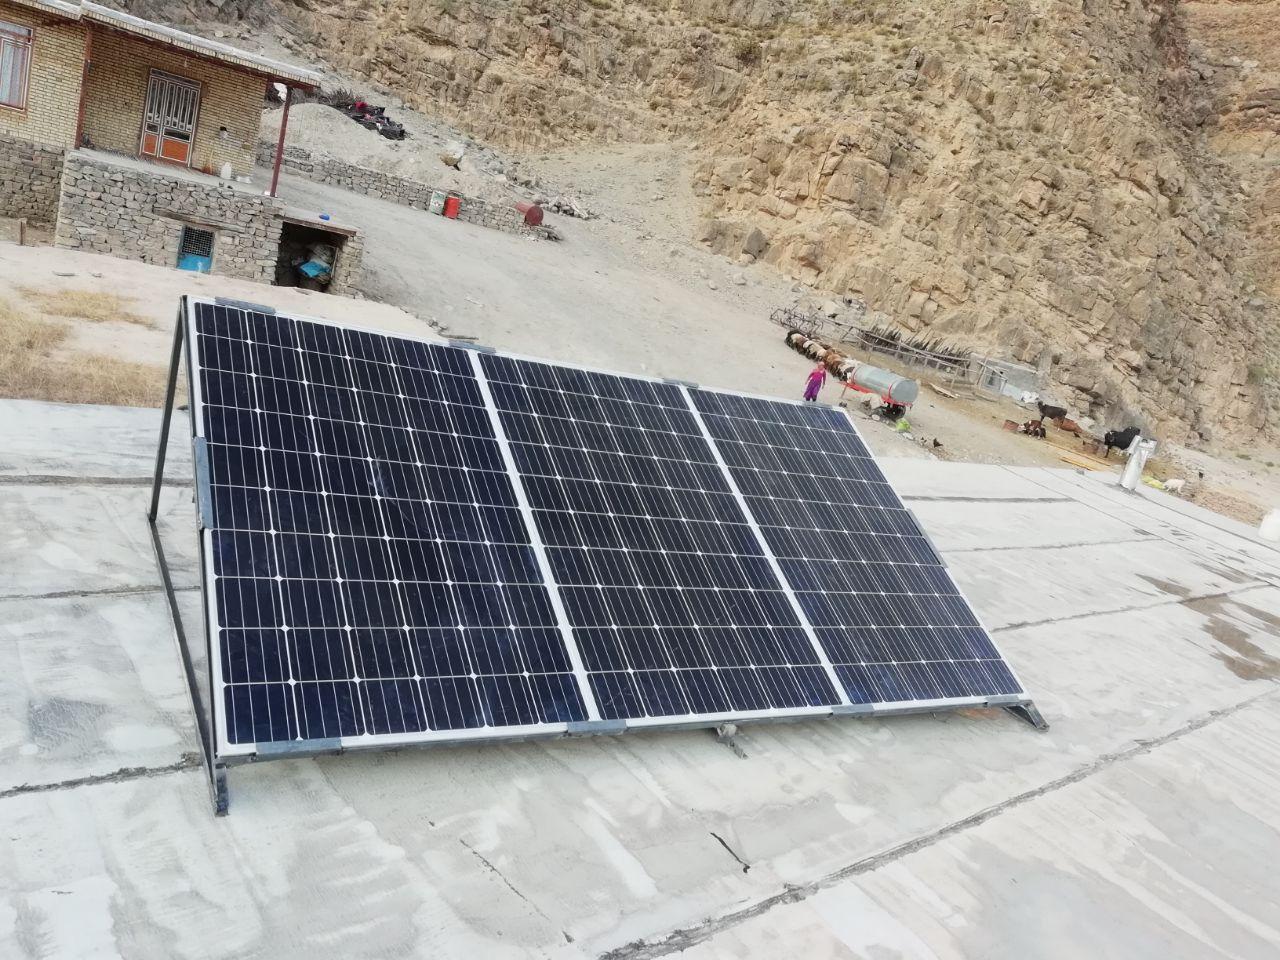 سیستم برق خورشیدی برایی باغ و ویلا در منطقه شیر حصار